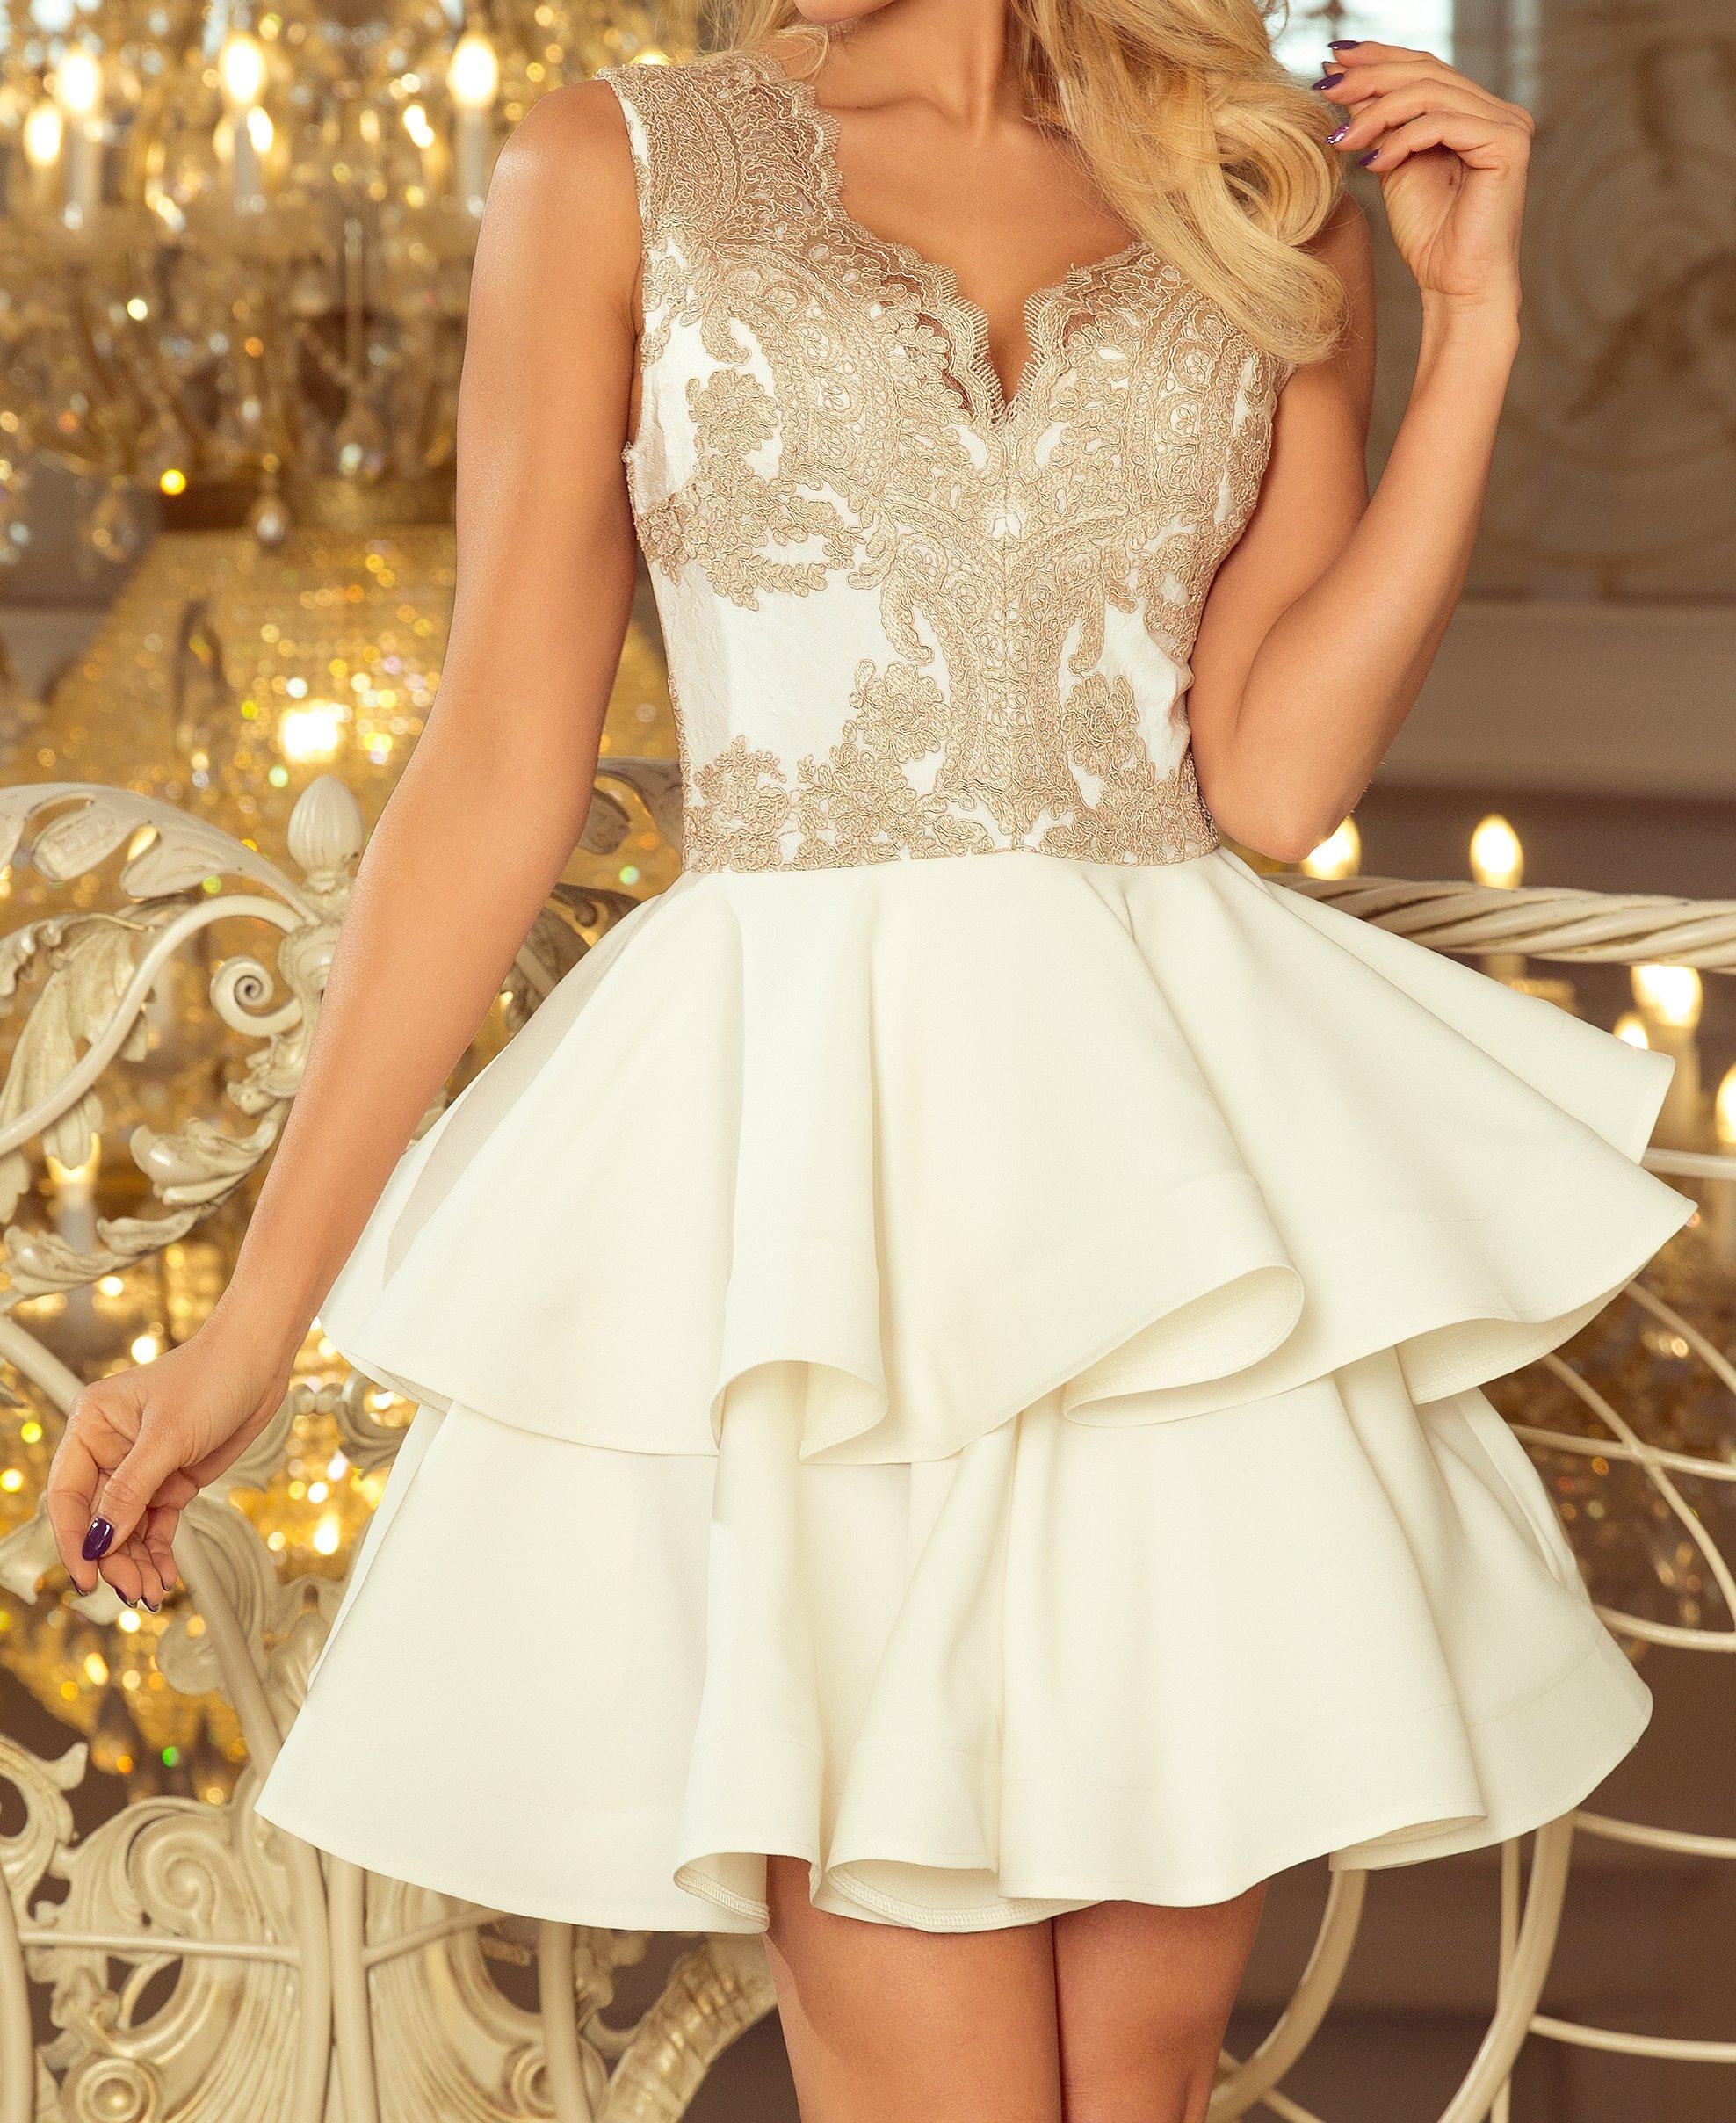 Modna Młodzieżowa Sukienka KOKTAJLOWA 200-1 S 36